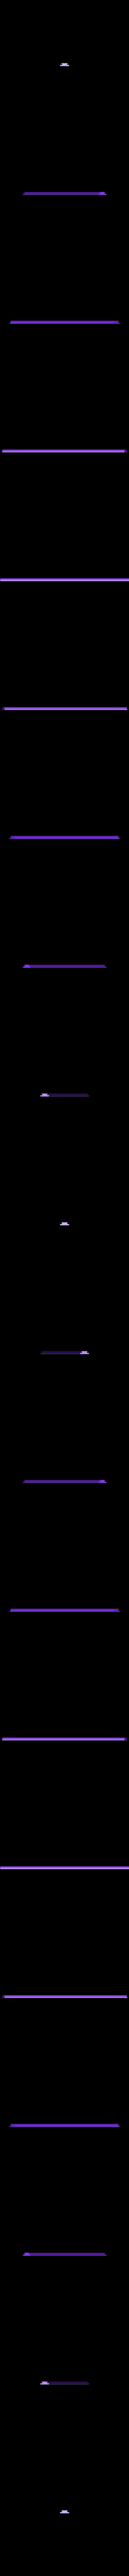 V_SLOT_REMIX_BY_FACUNDO_RICCHI.stl Télécharger fichier STL gratuit V-SLOT avec carte SD et support USB pour ENDER 3 - par Facu Ricchi • Modèle imprimable en 3D, facuricchi